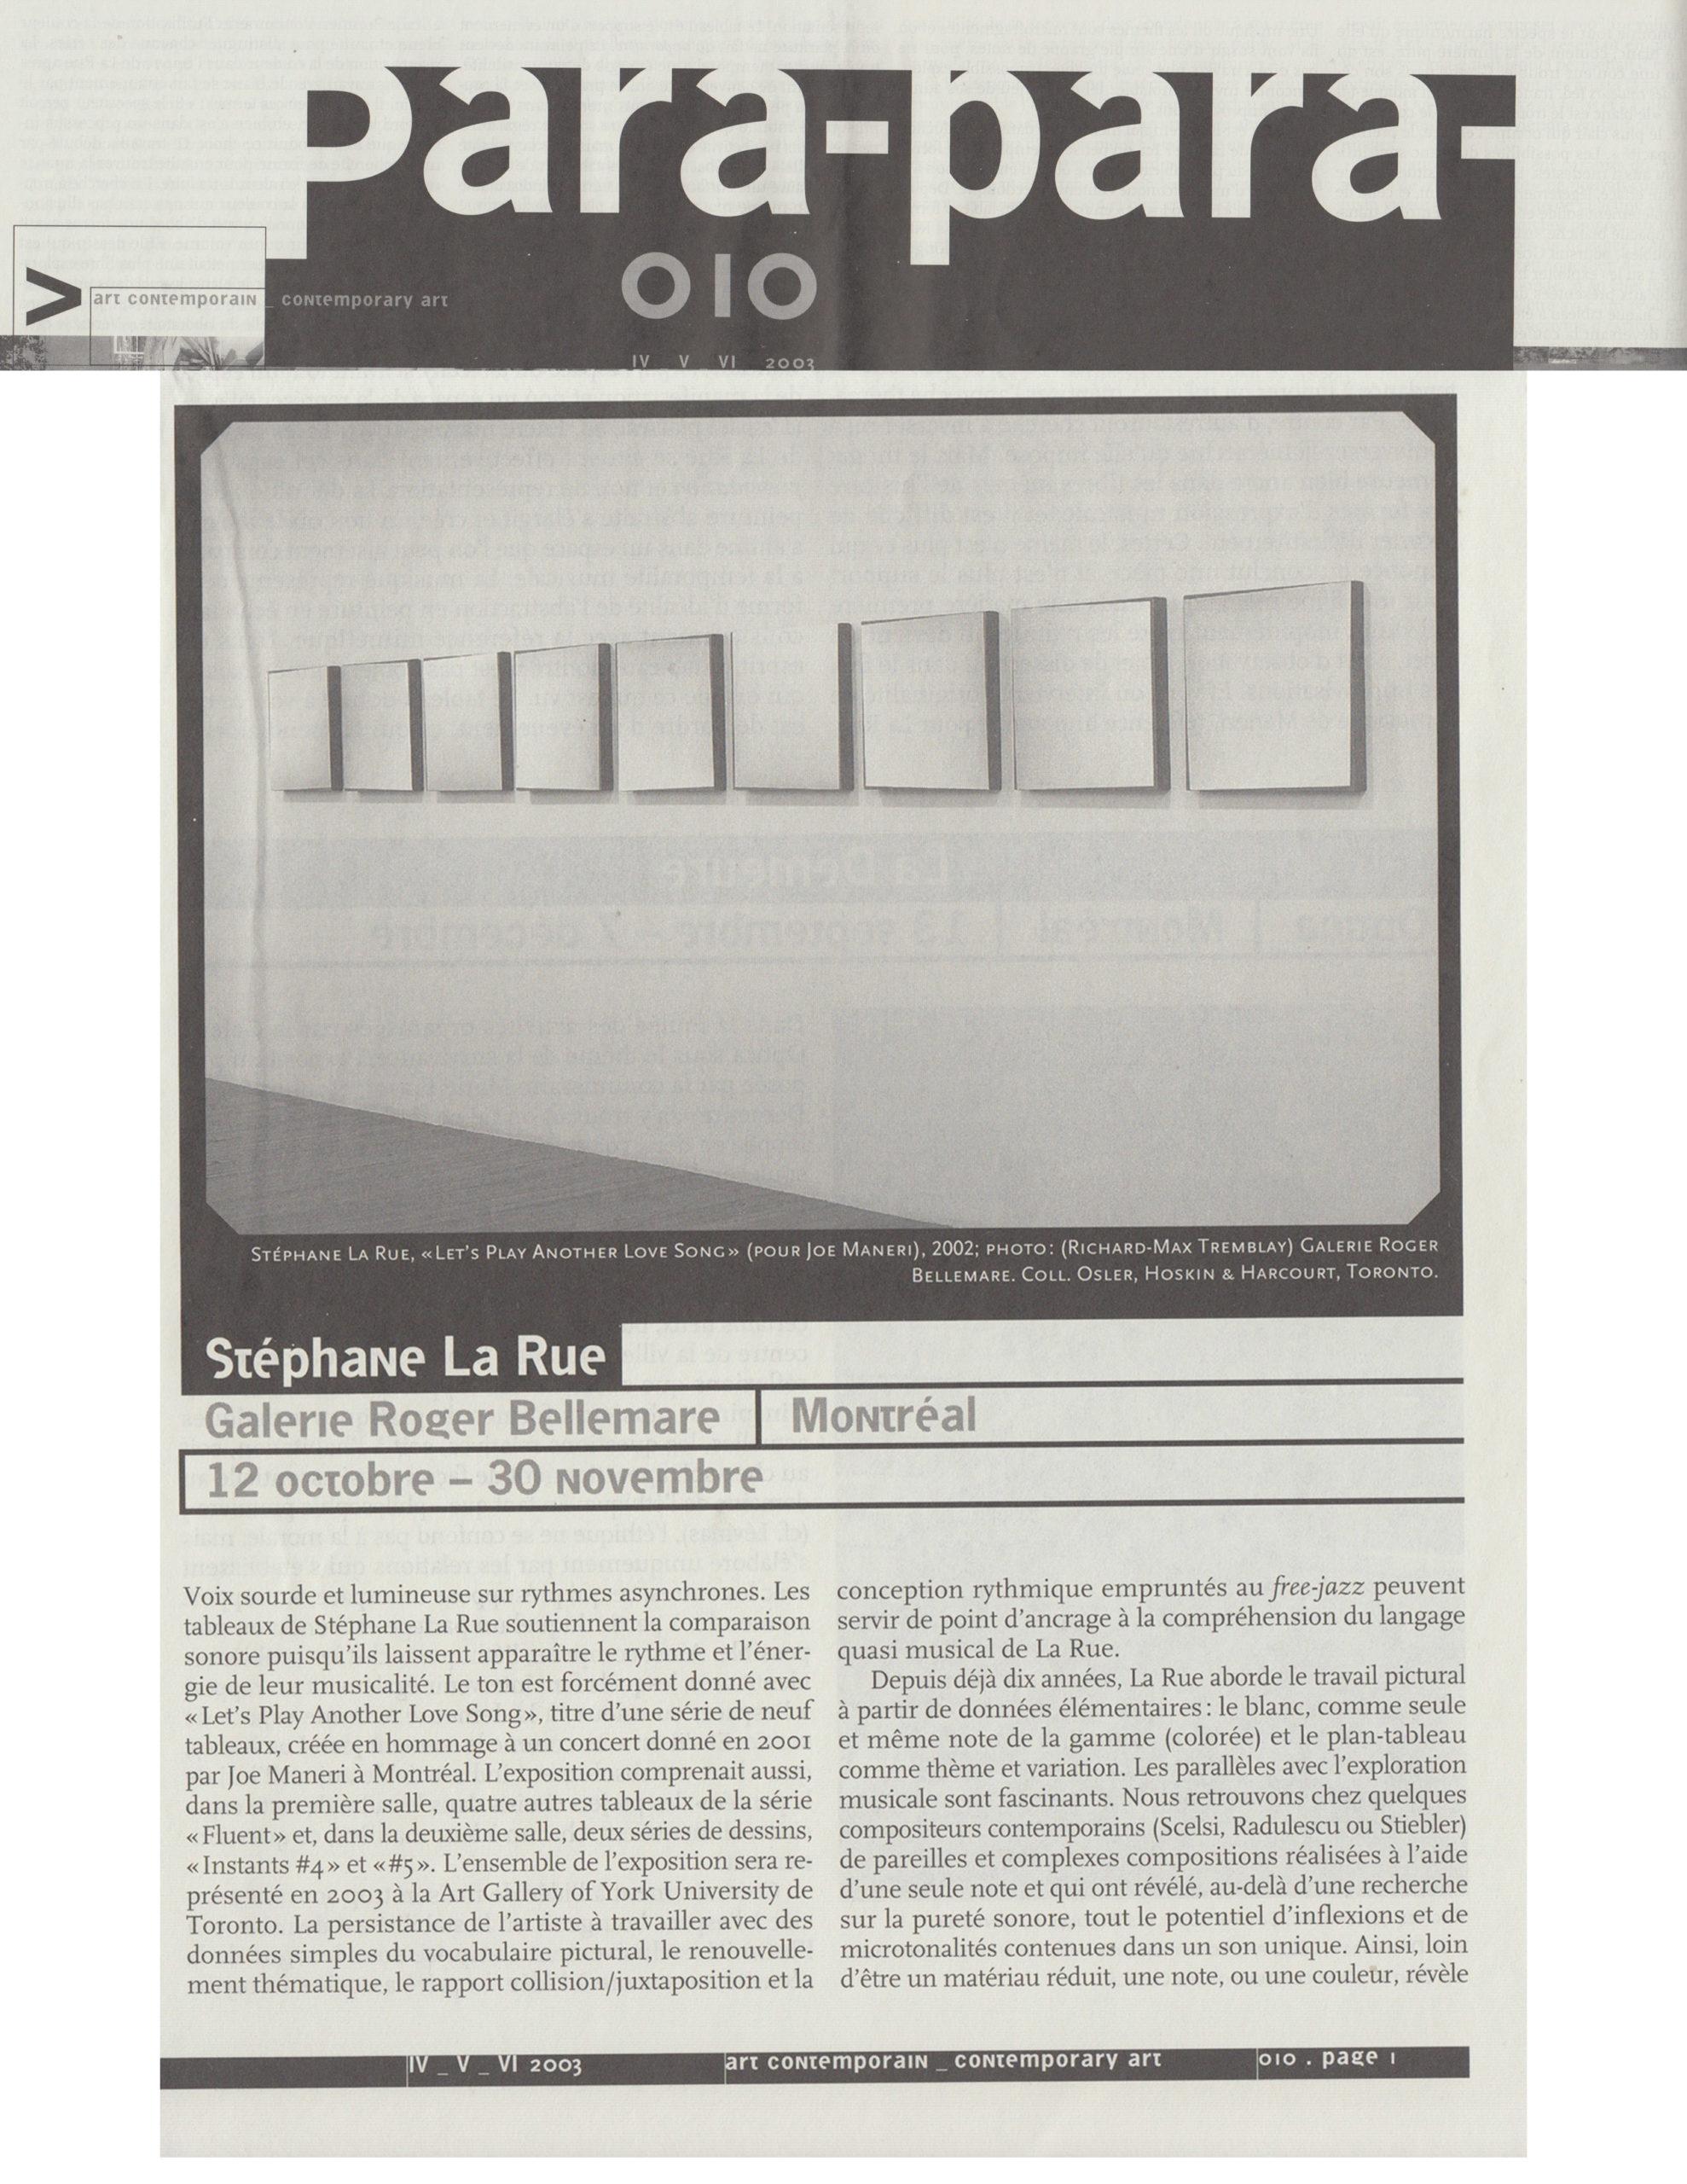 Voix sourde et rythme asynchrones, Stéphane La Rue, Para-Para, no 010, 2003